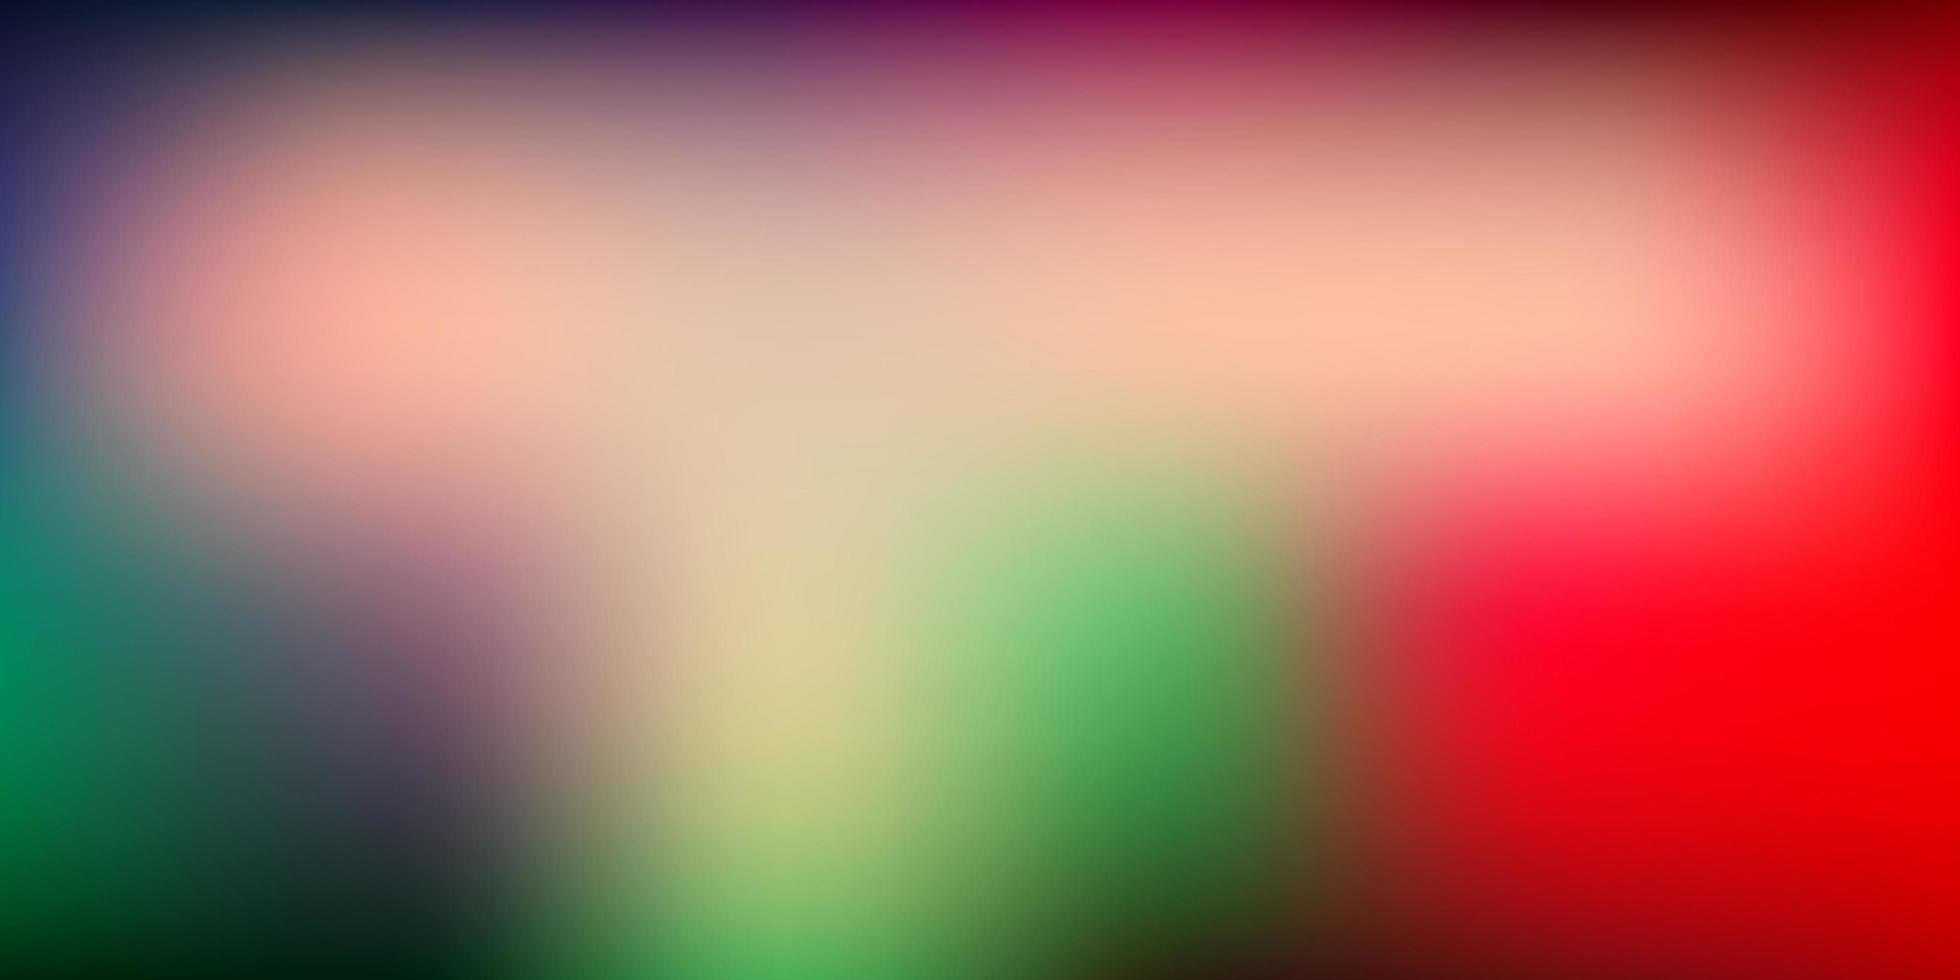 lichtgroene, rode vector onscherpe achtergrond.